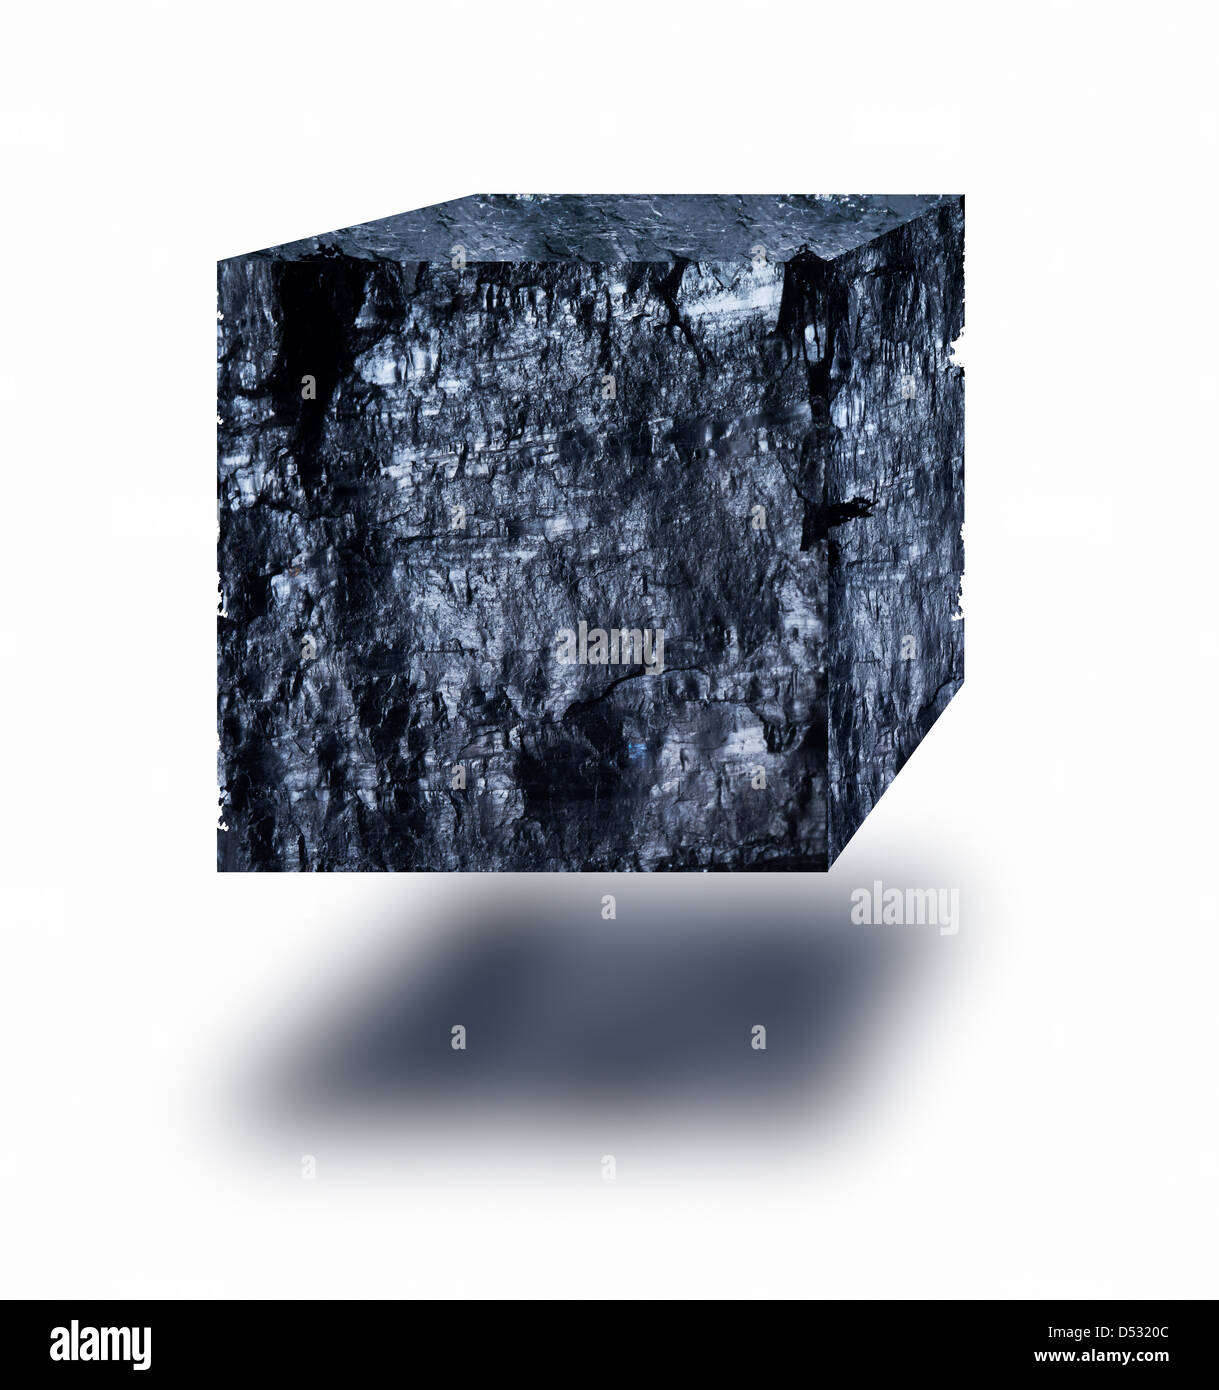 Cubo de carbón que flotan en el aire sobre fondo blanco. Imagen De Stock